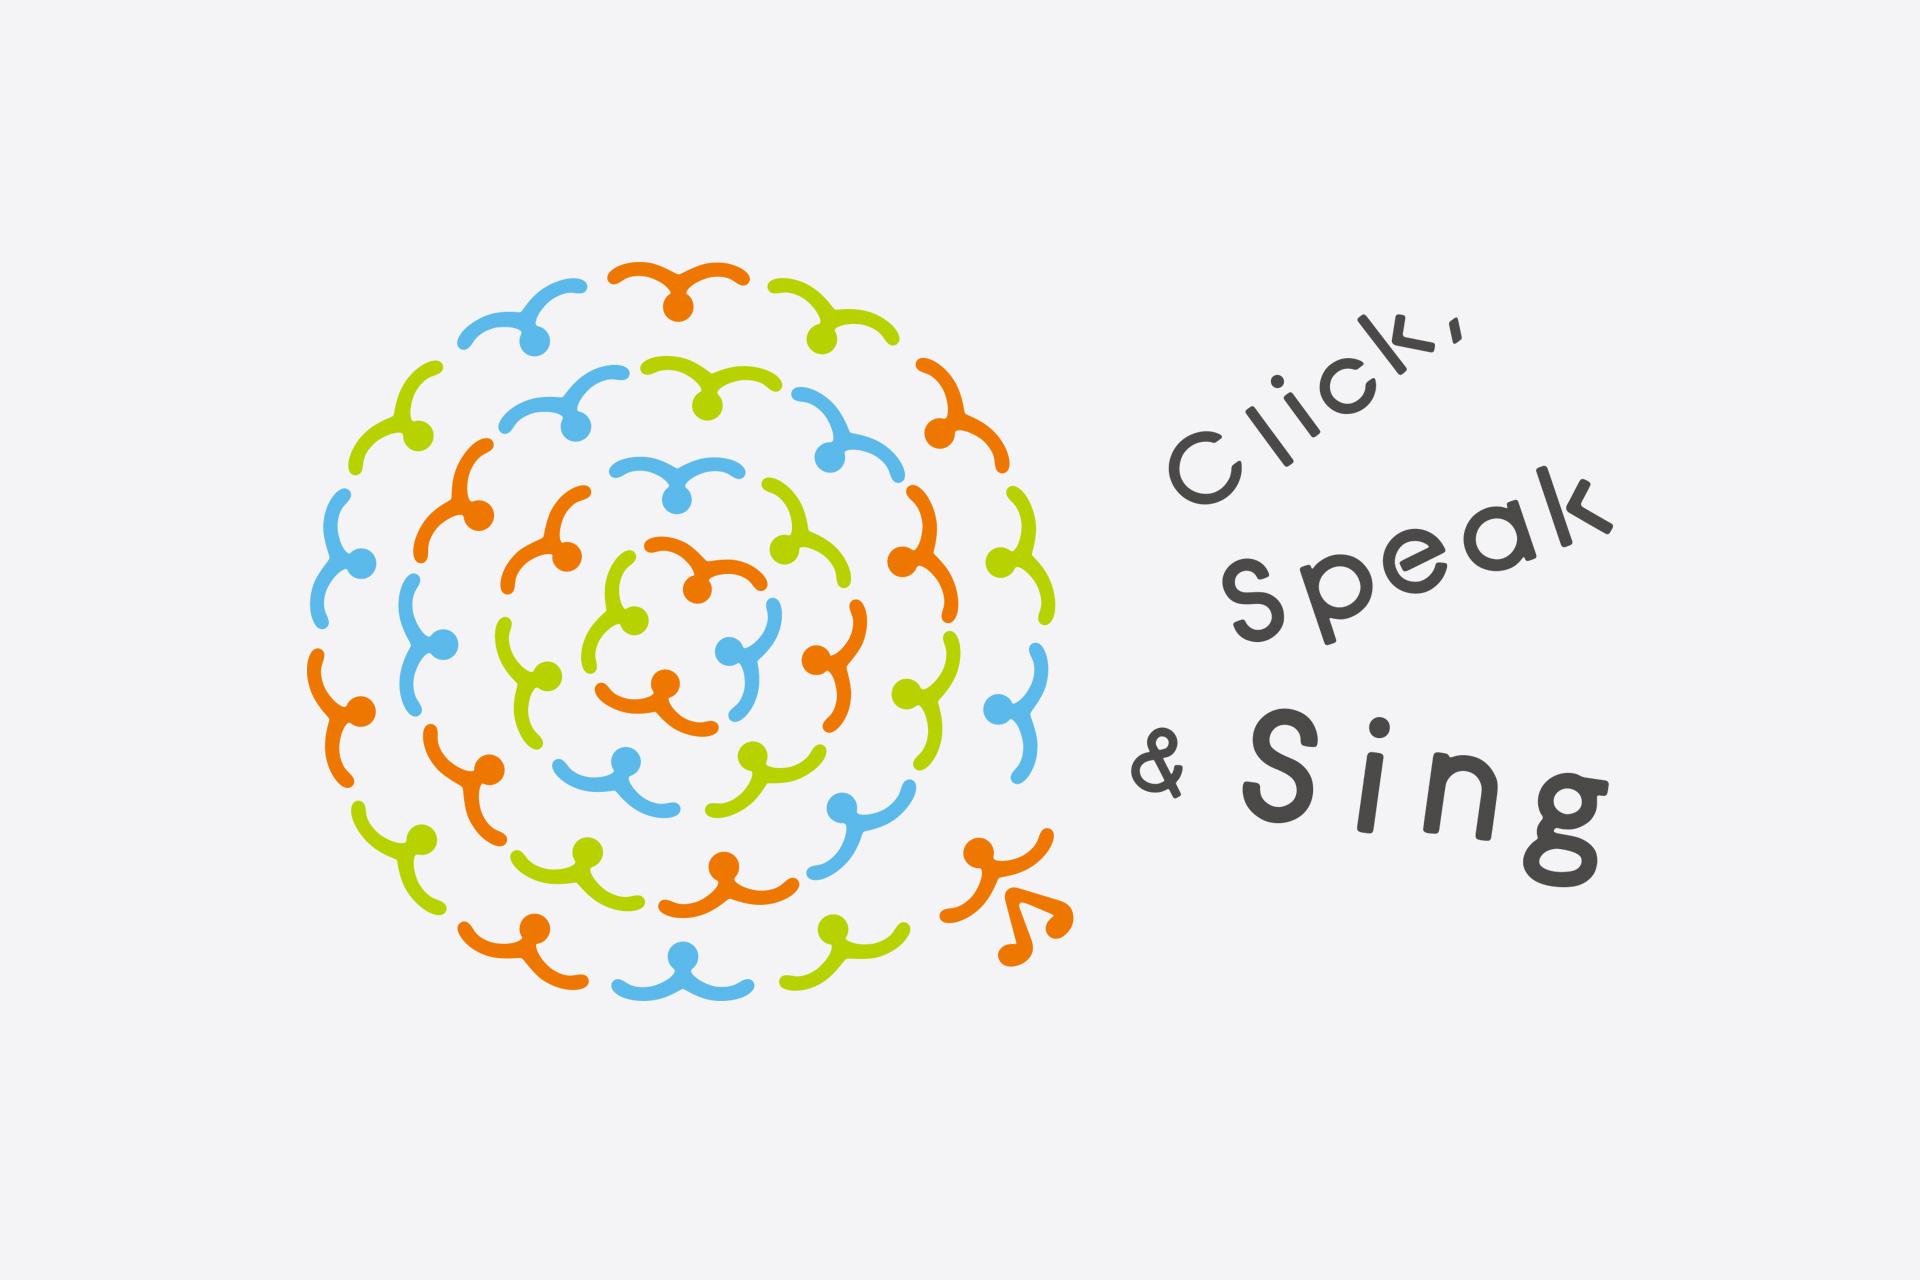 Click, Speak & Sing